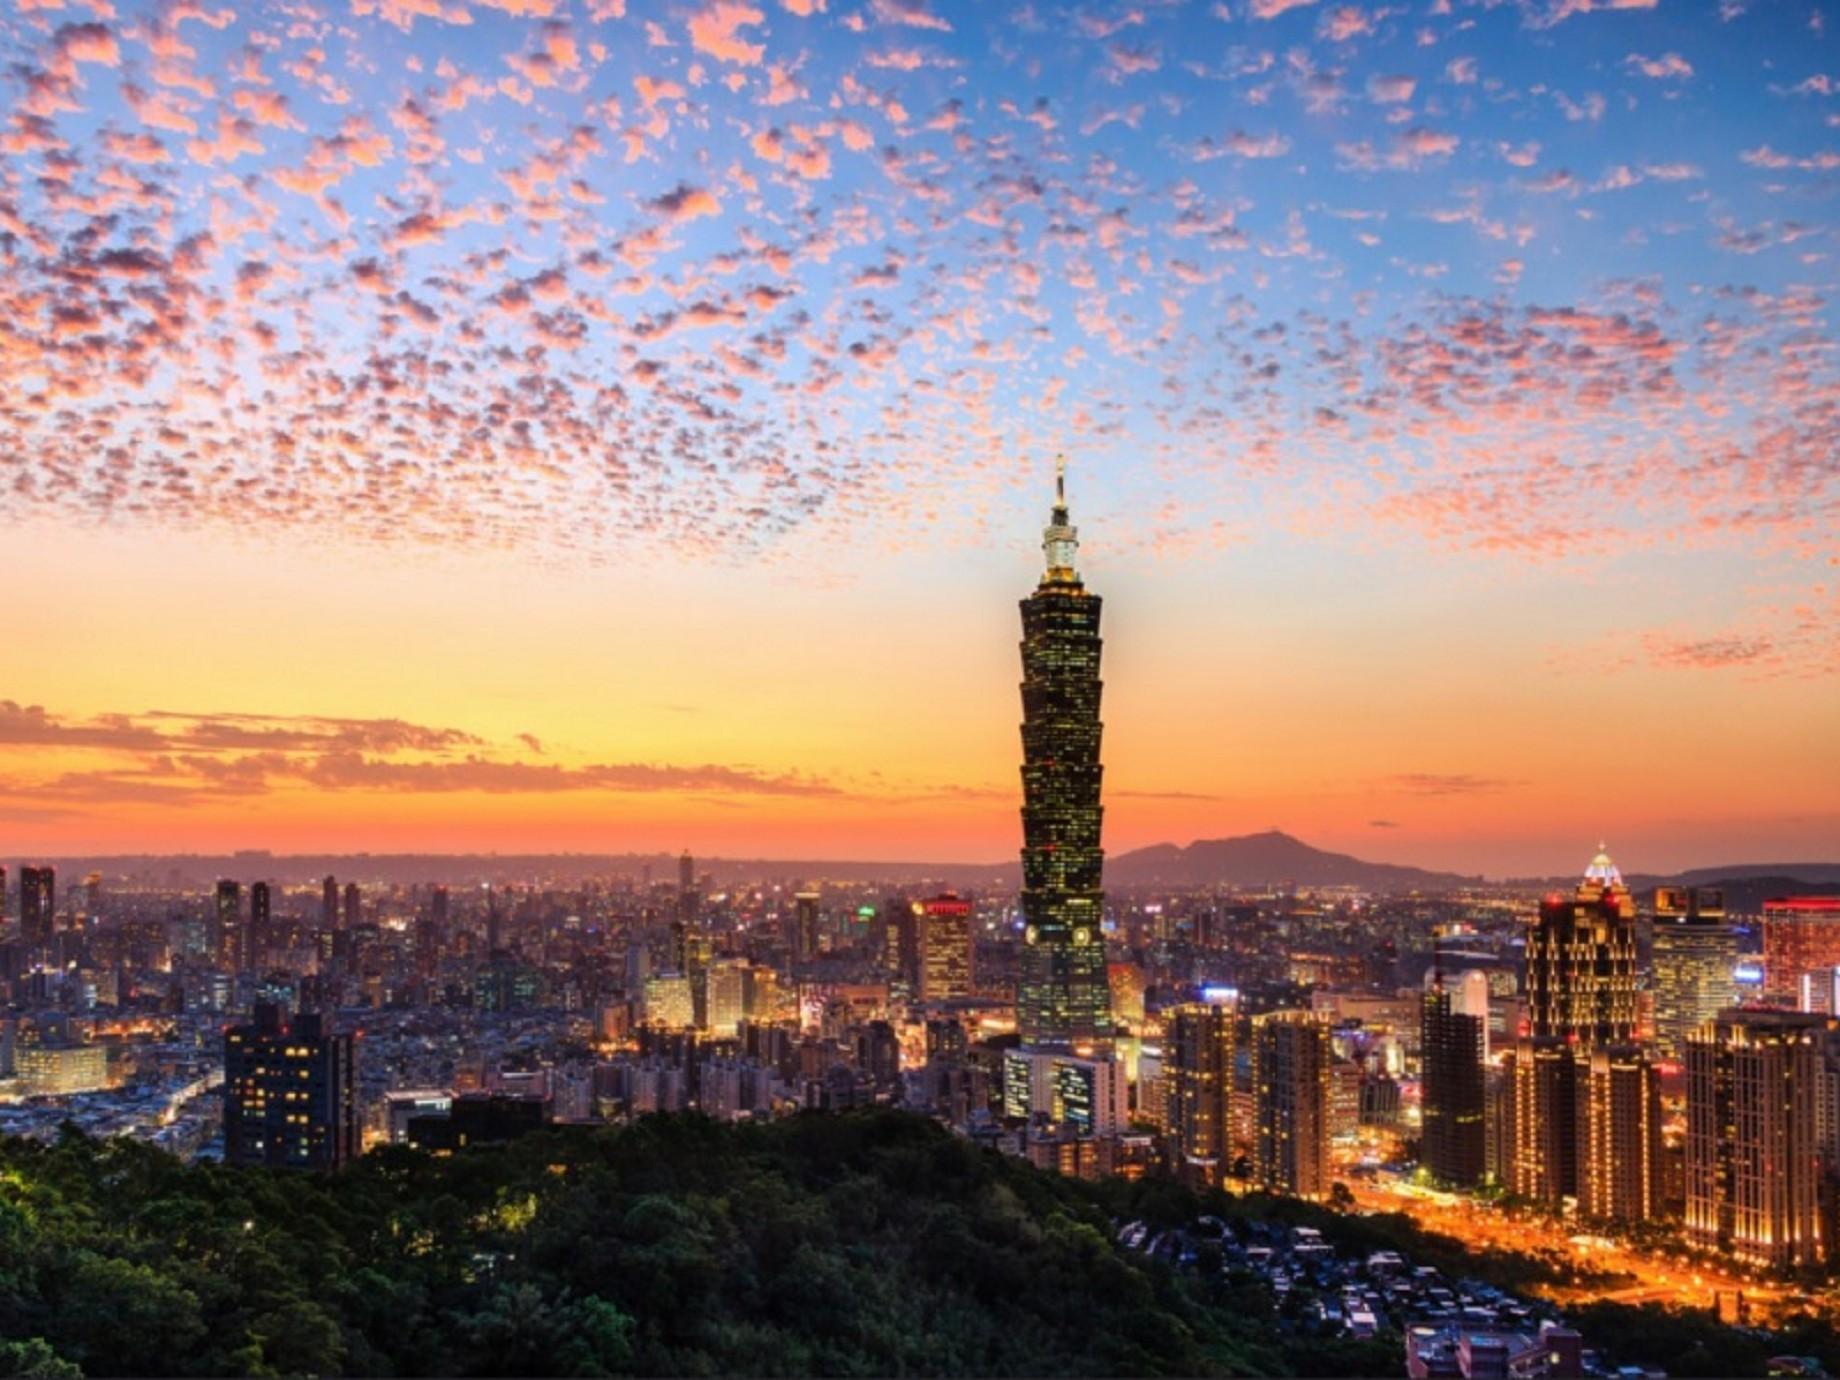 手機App與生活雙城記二:多重App交織的日常生活,台灣用戶的一天